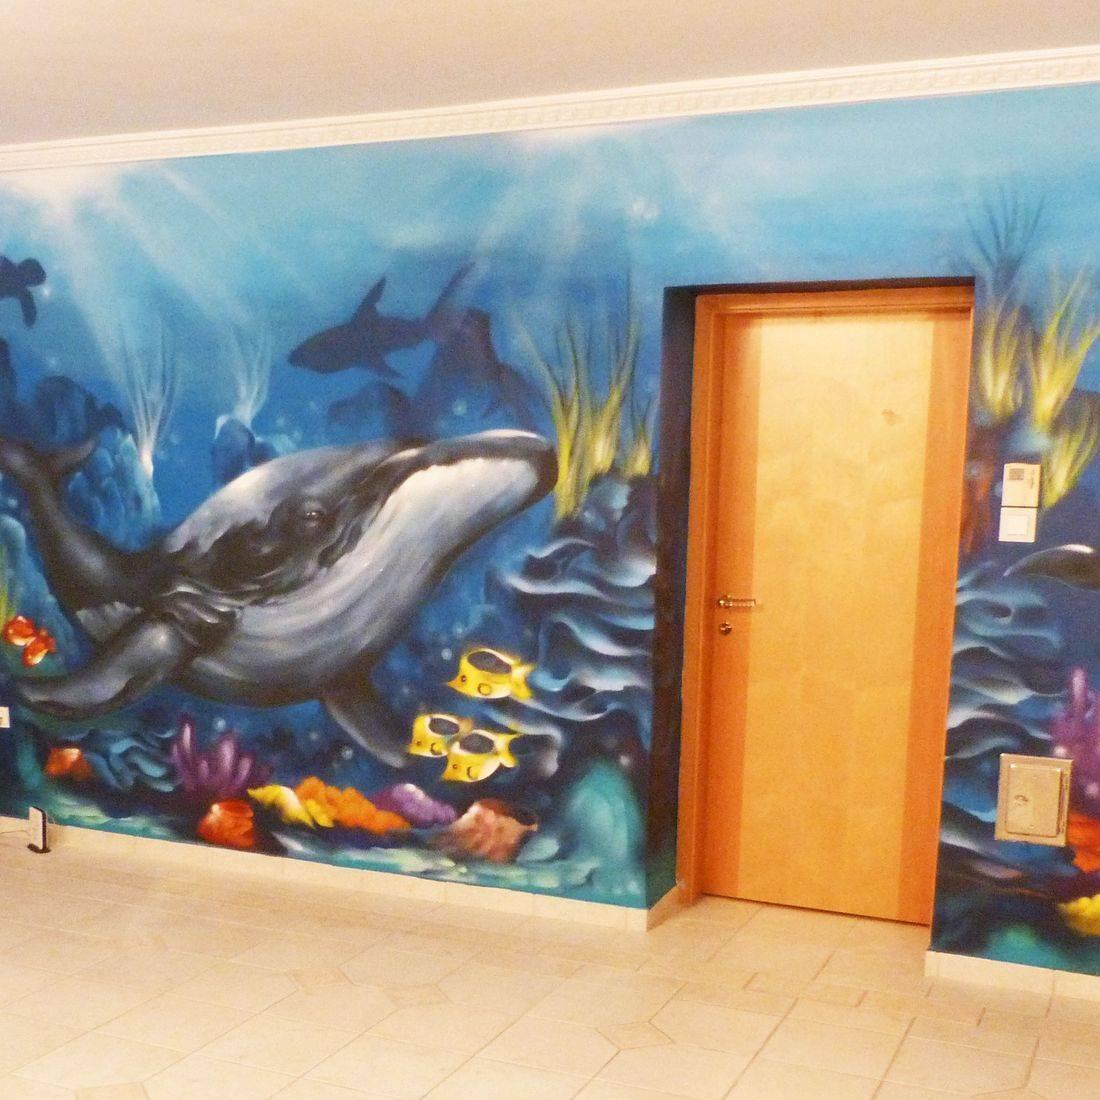 Dekorációs falfestés falfestmény graffiti festés